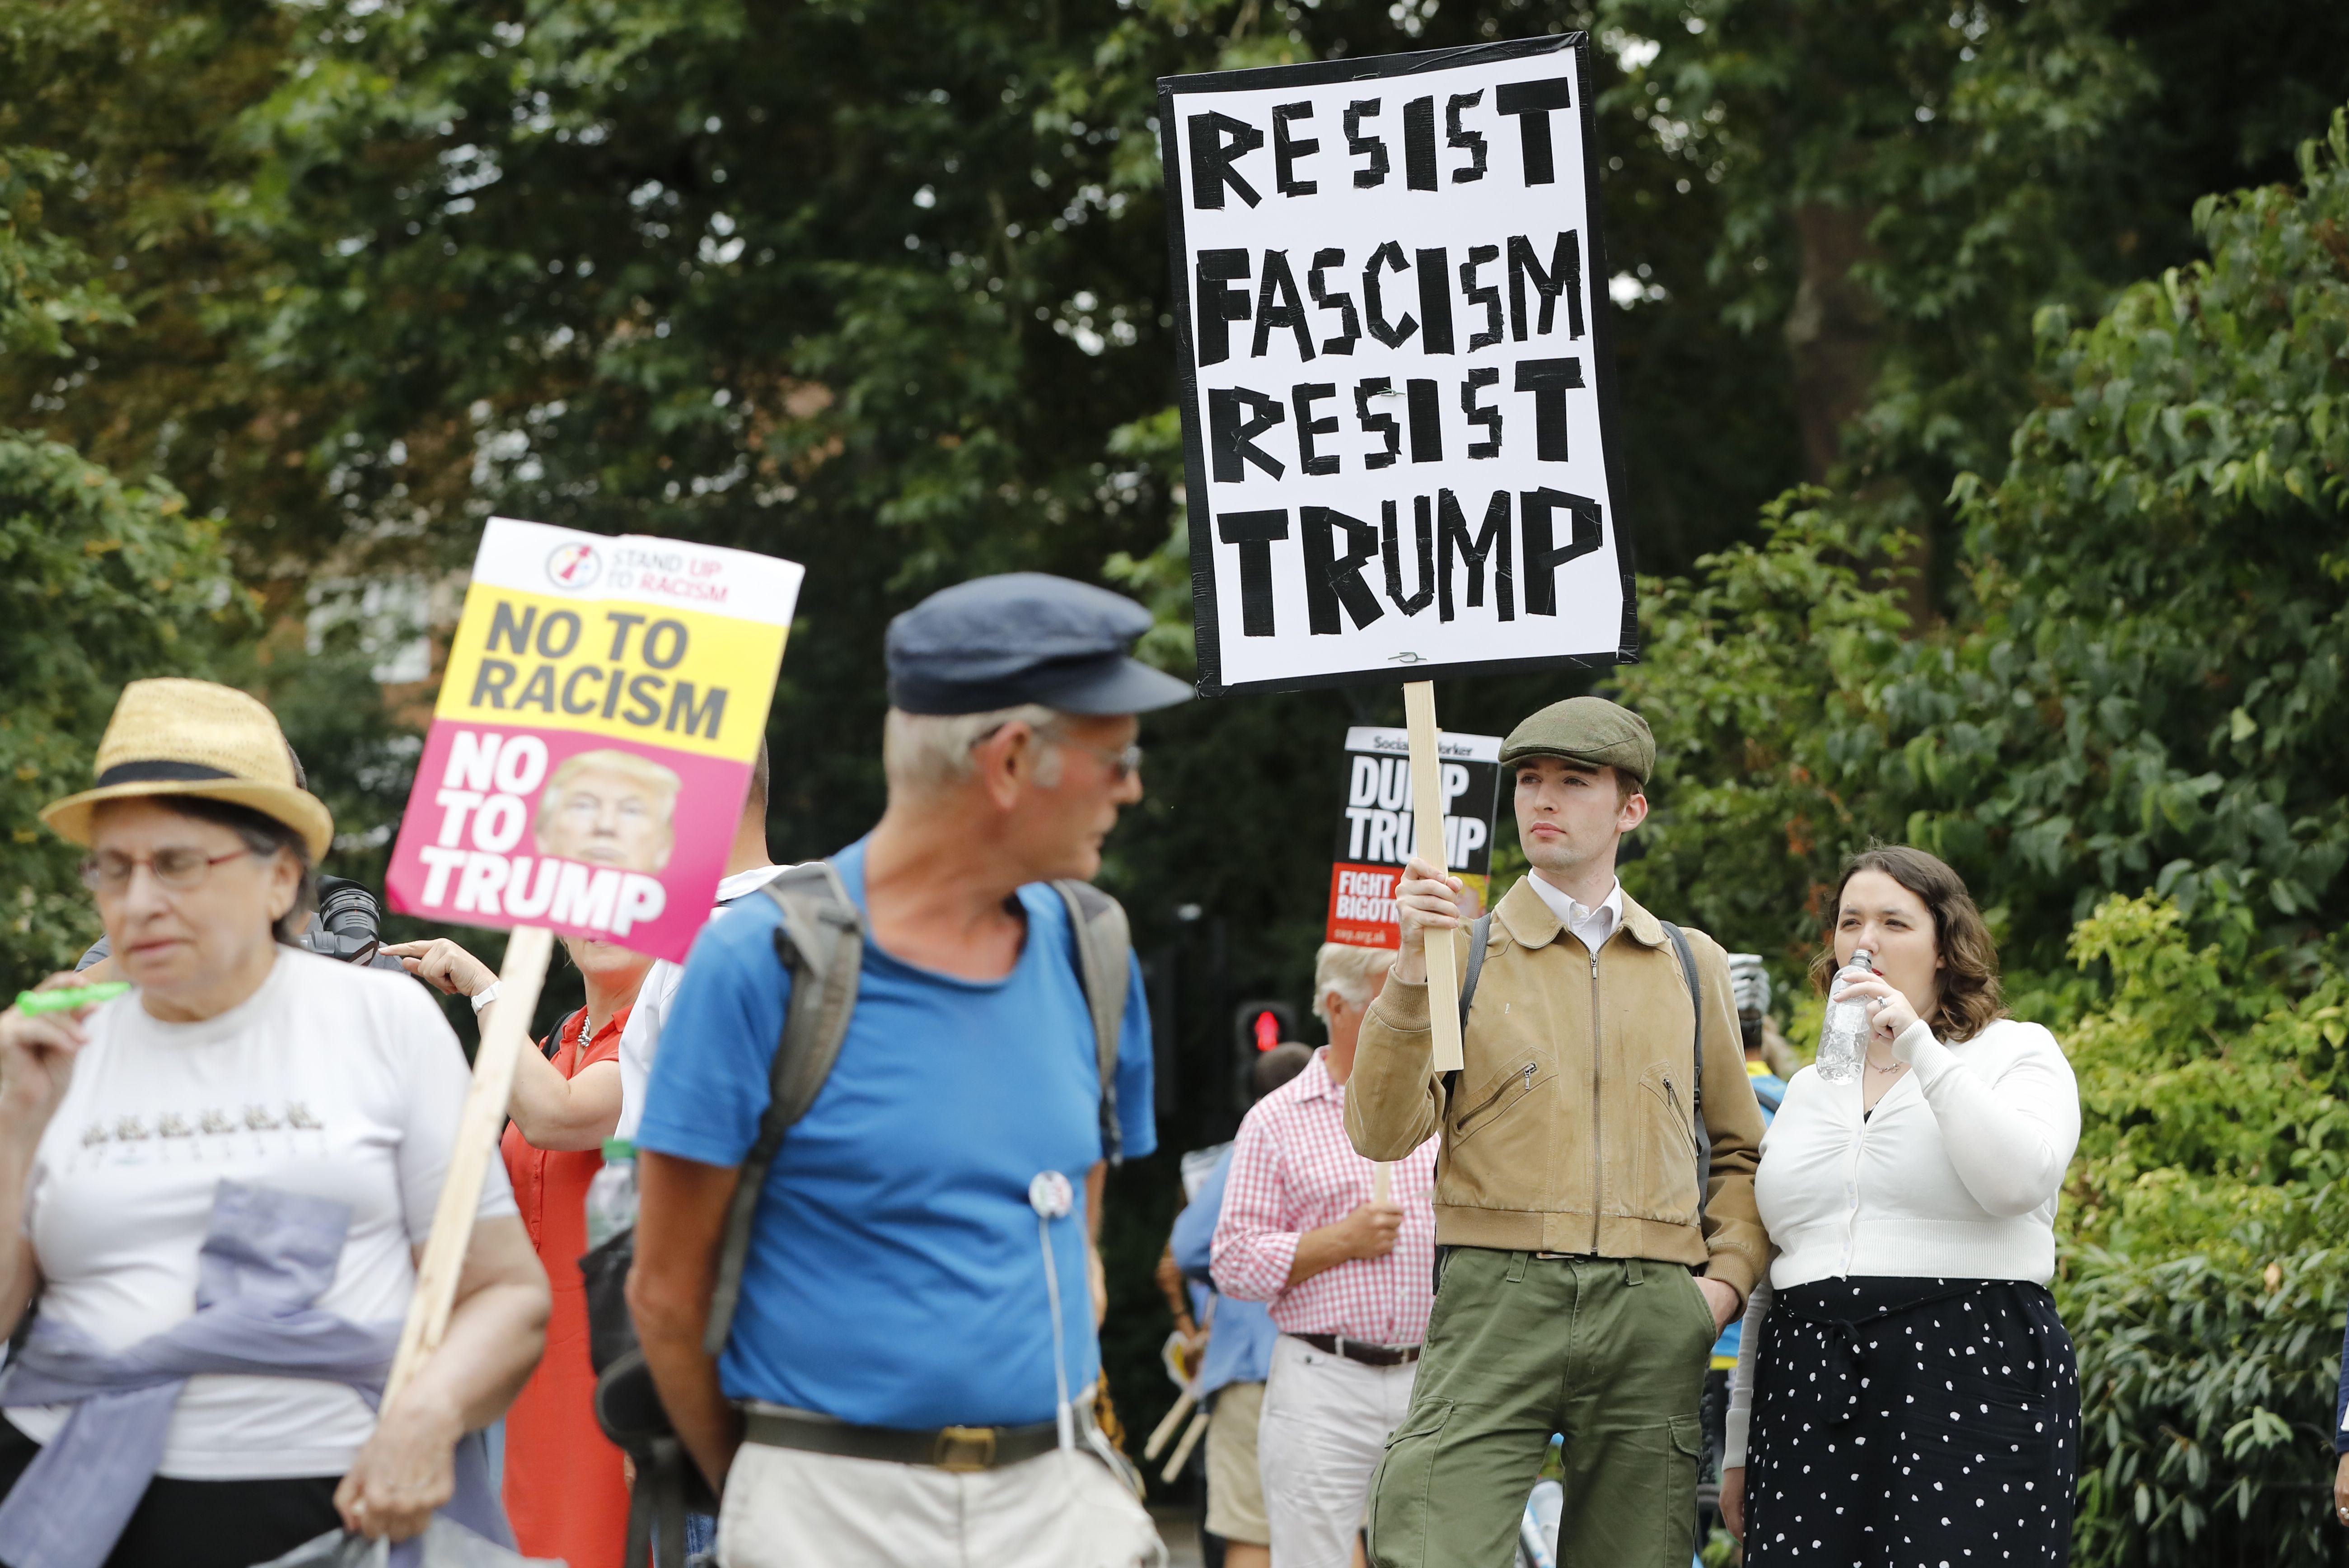 احتجاجات ضد ترامب فى لندن